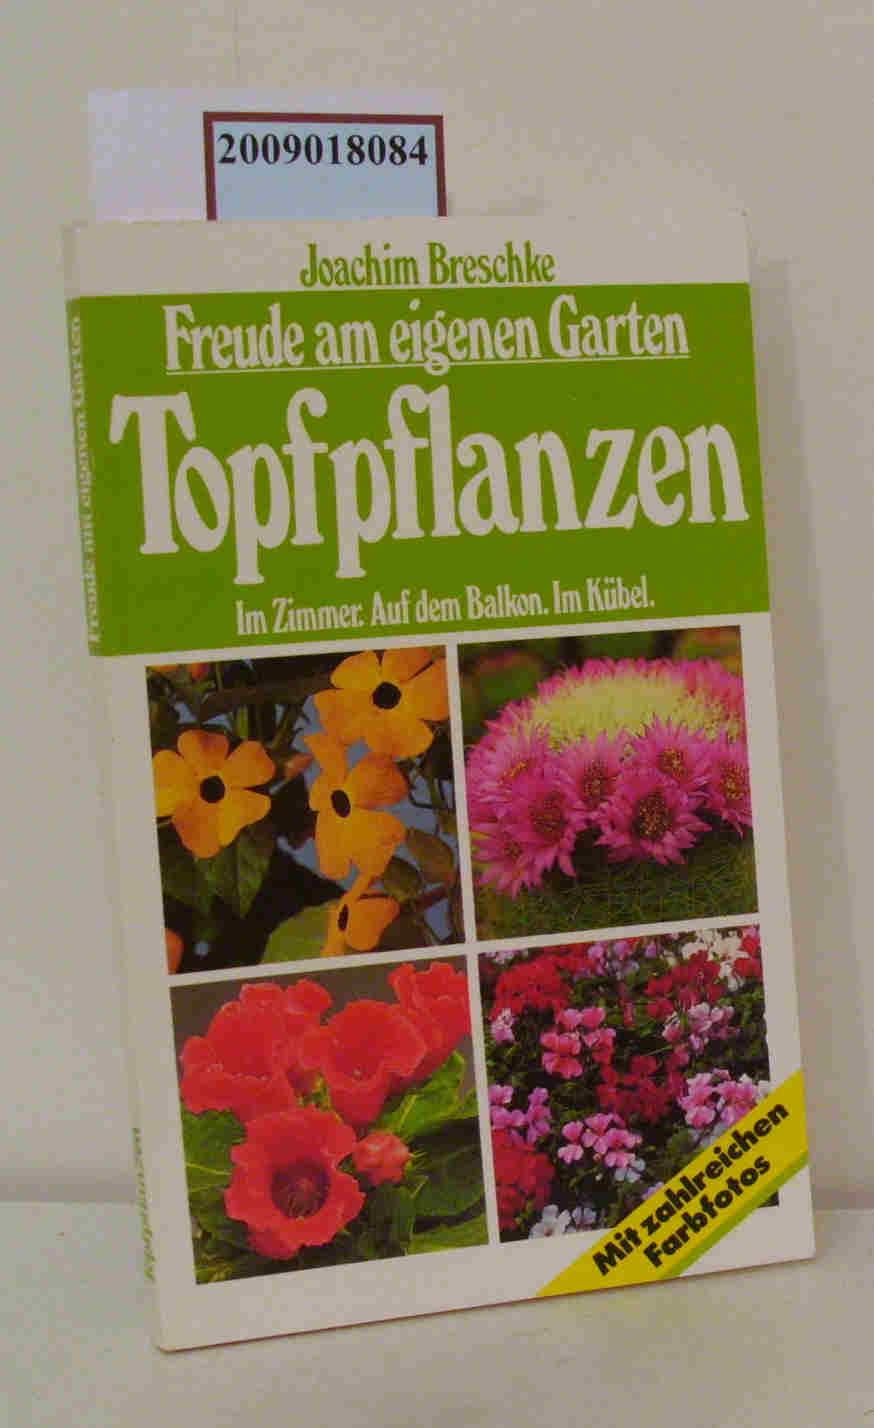 Topfpflanzen im Zimmer, auf dem Balkon, im Kübel / Joachim Breschke